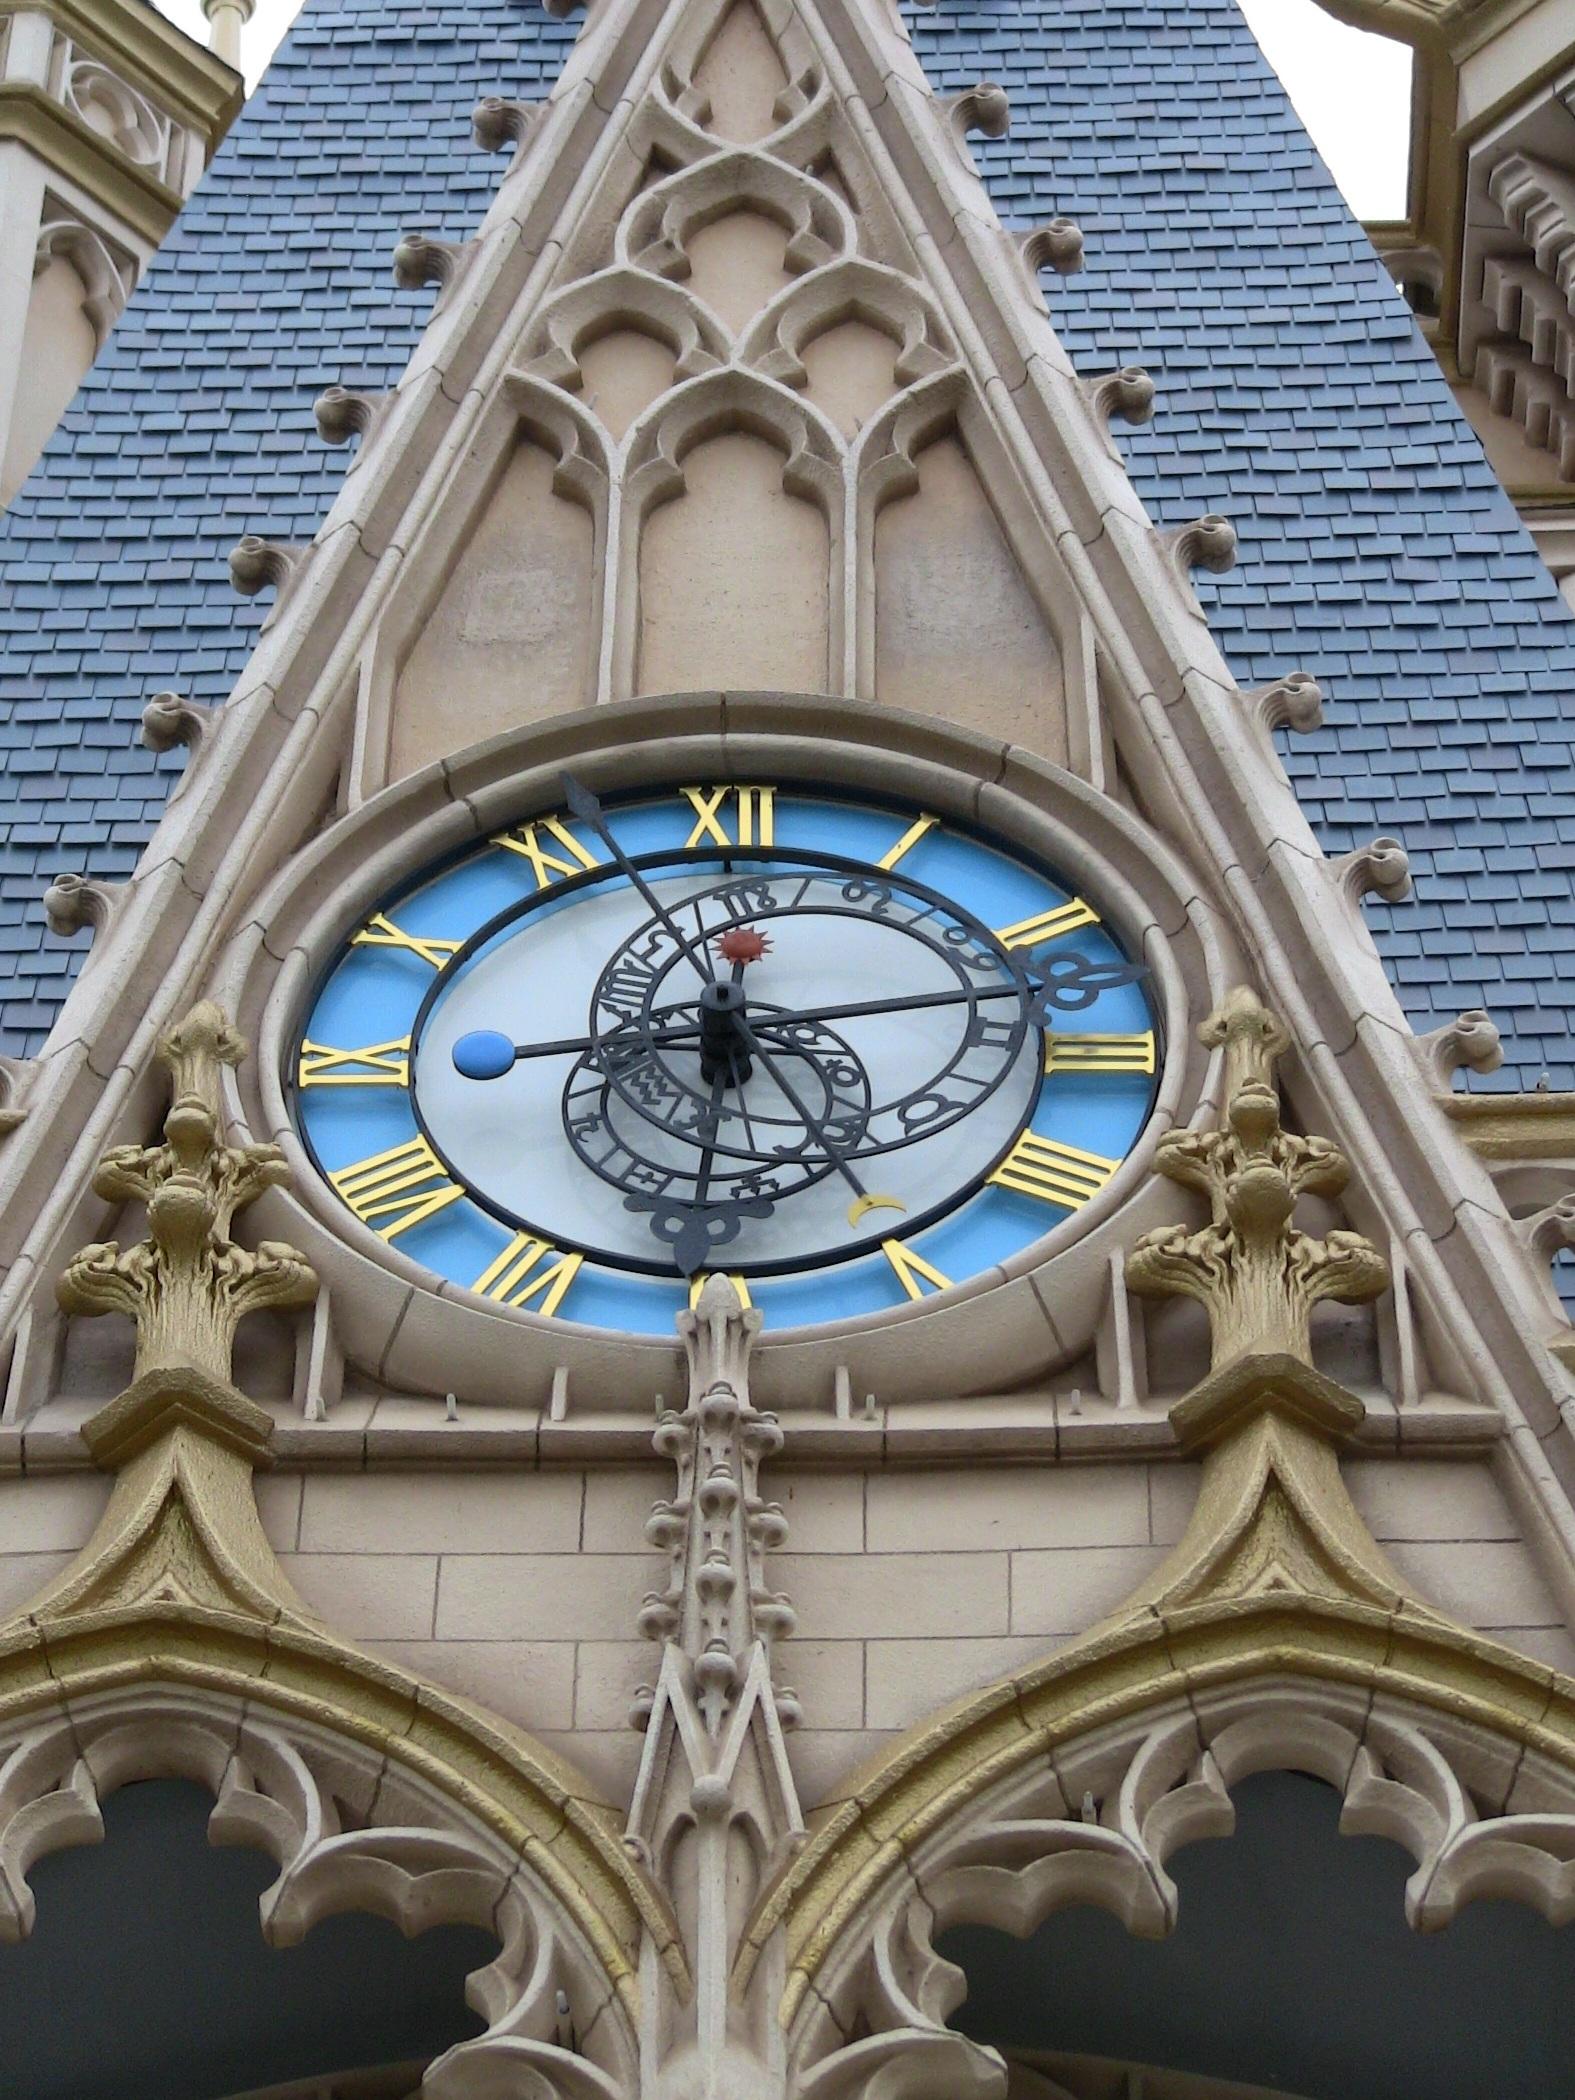 newest 90e5b 1880e ディズニーランドのシンデレラ城の時計 | キッズポータル